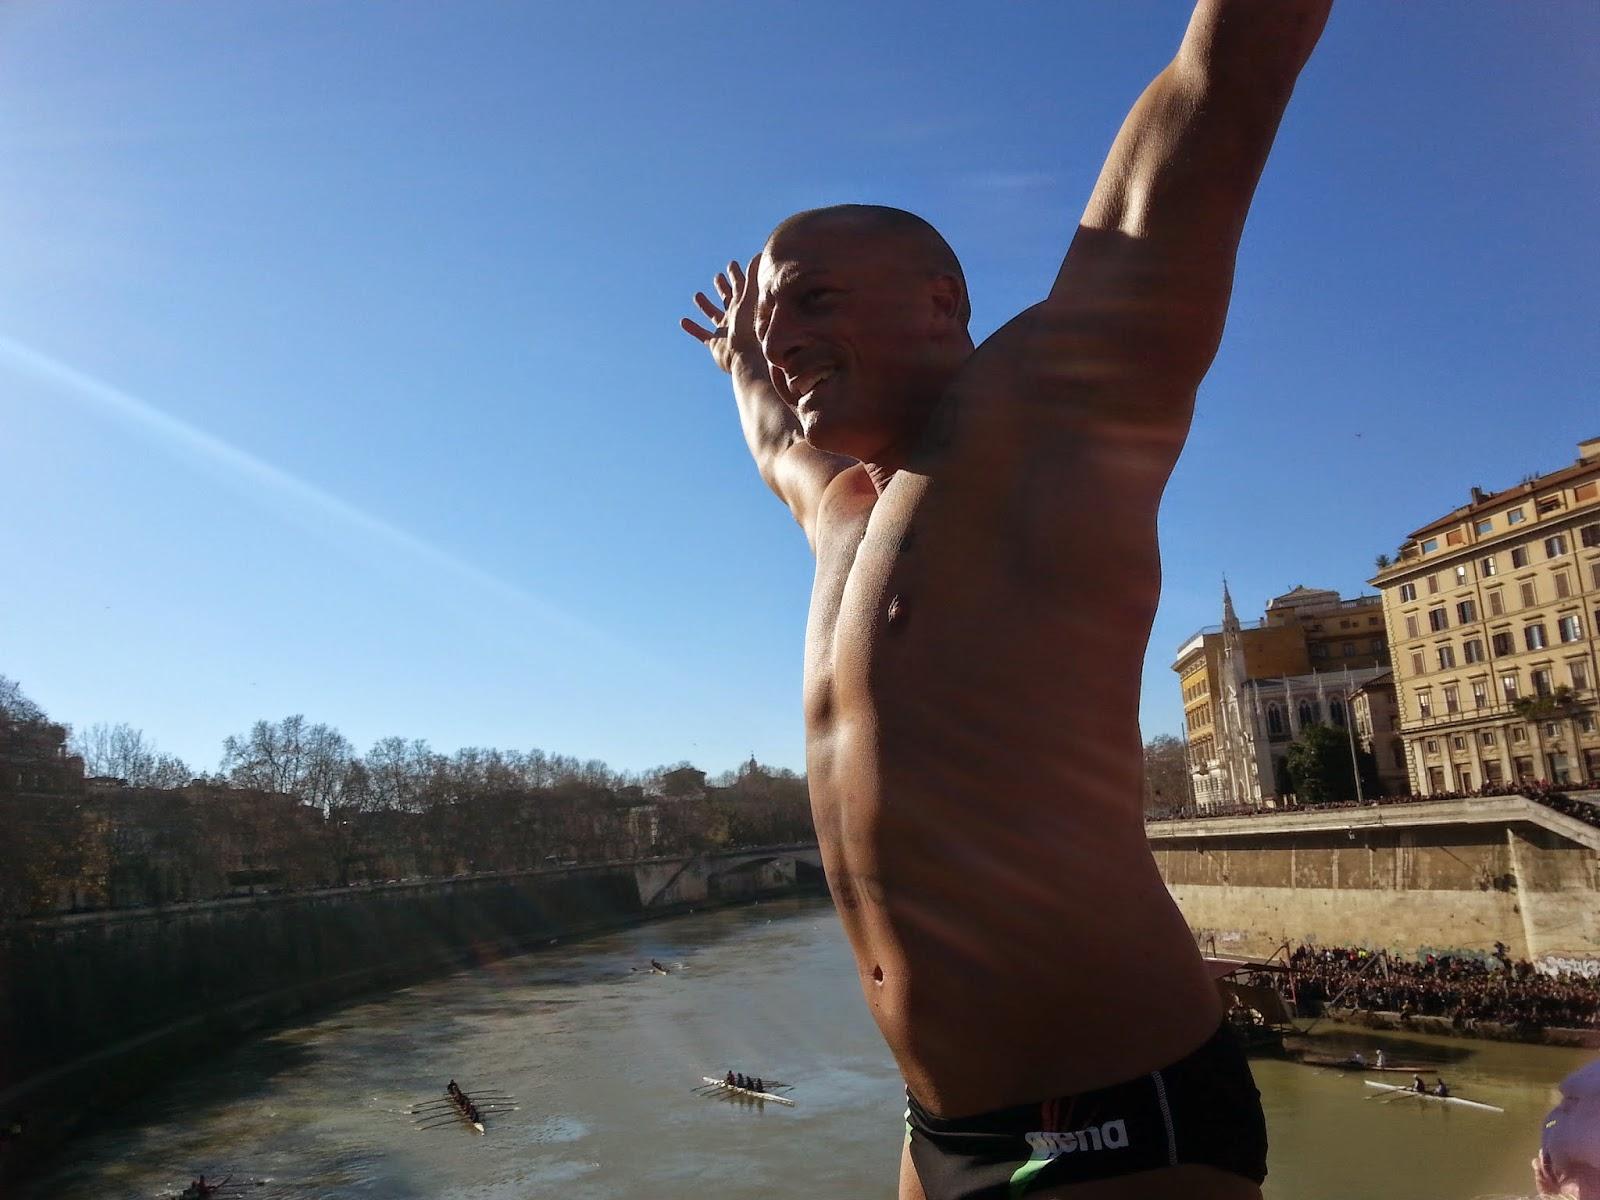 Il primo tuffatore si appresta al salto dai 18 metri. fotosportnotizie.com